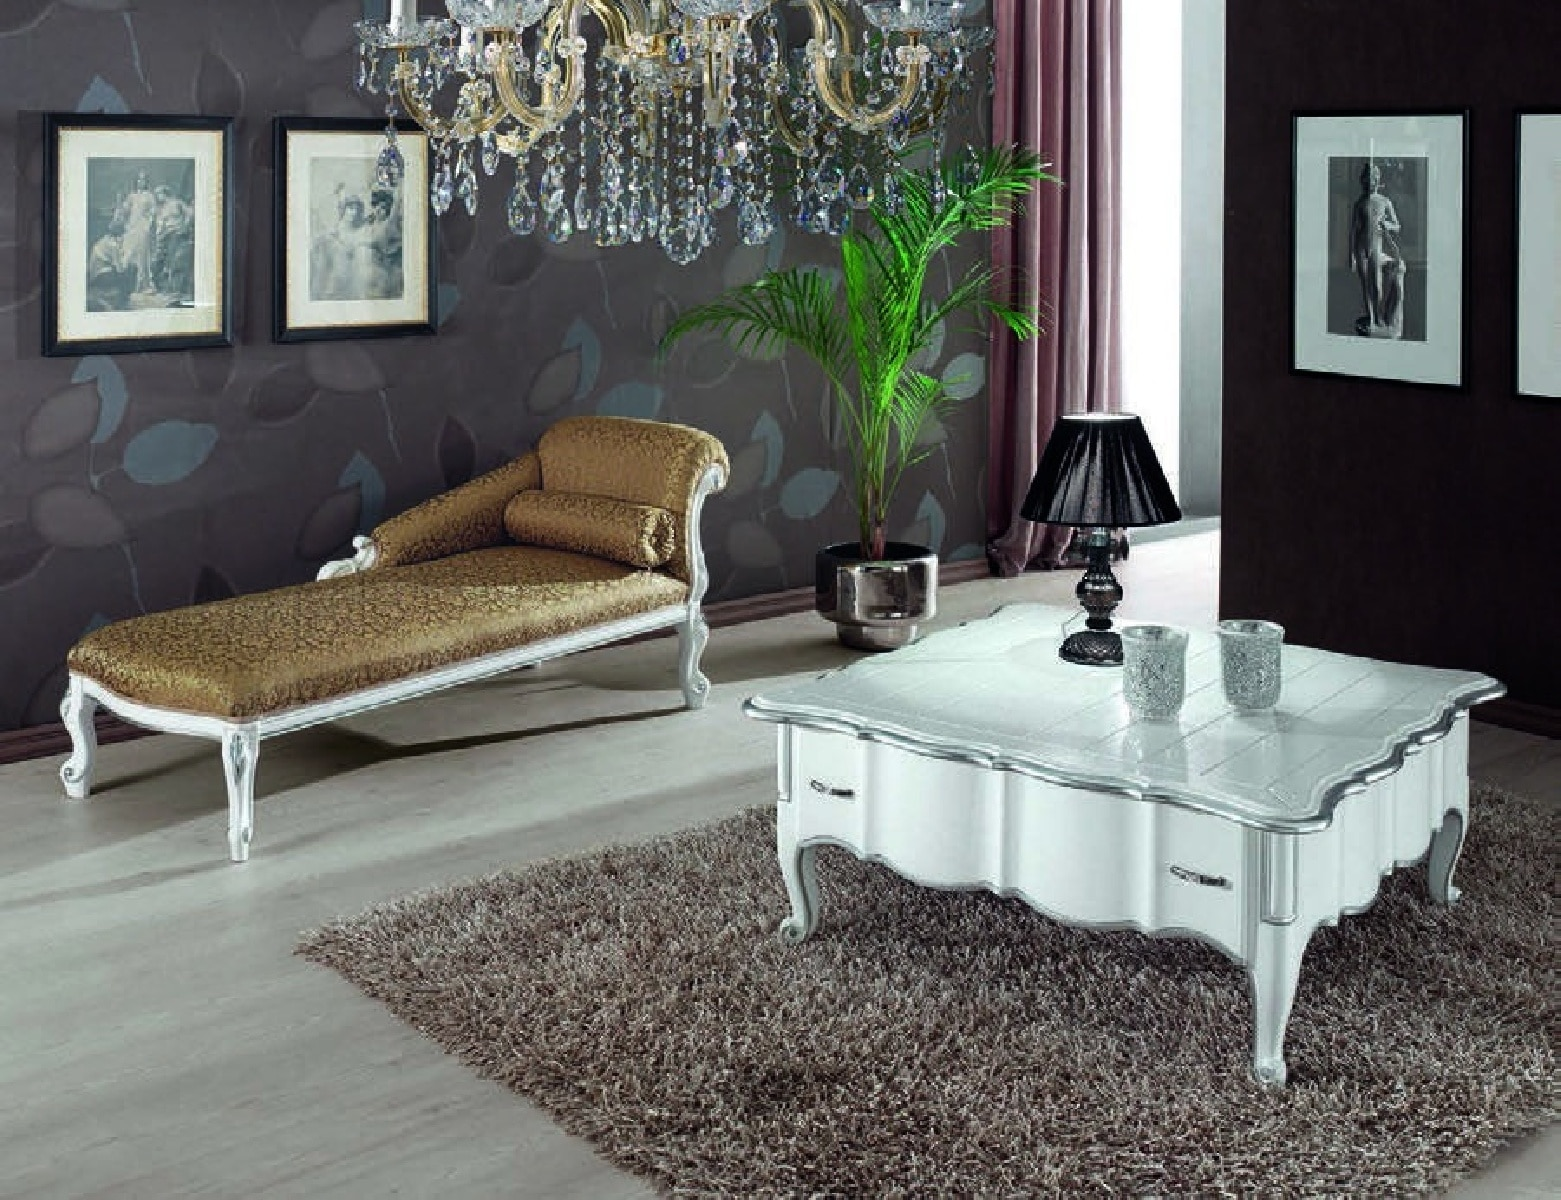 Кушетка Art Deco 3220 Stile Elisa